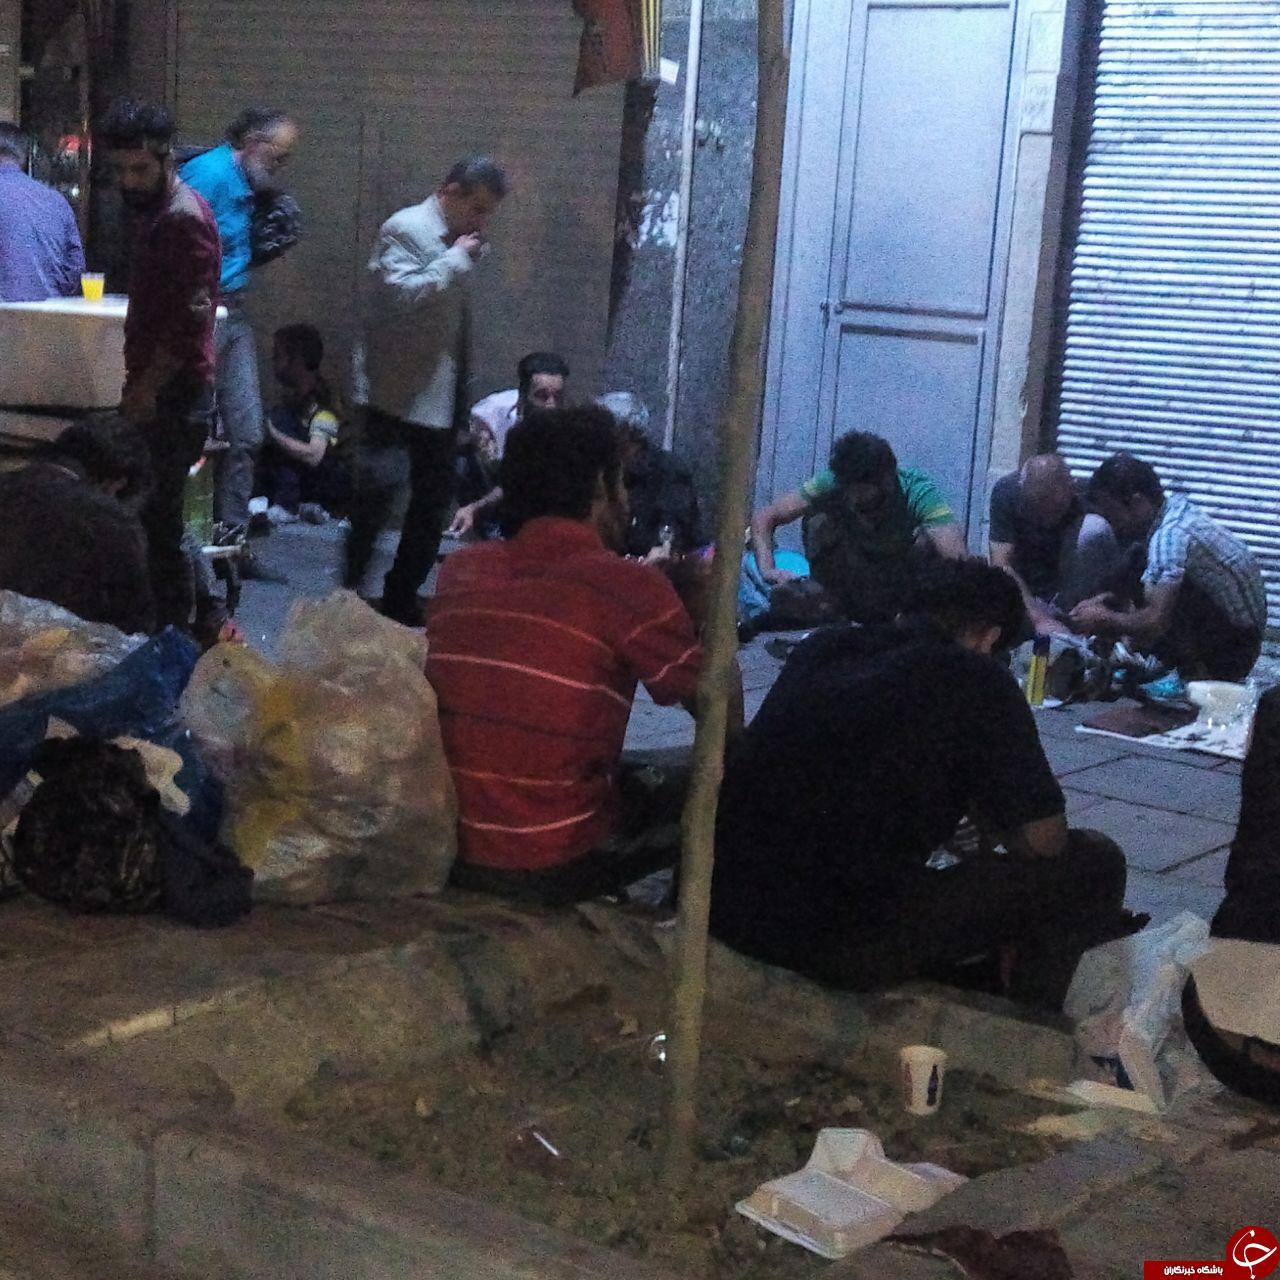 تصاویری دردآور از جولان معتادان در منطقه هرندی